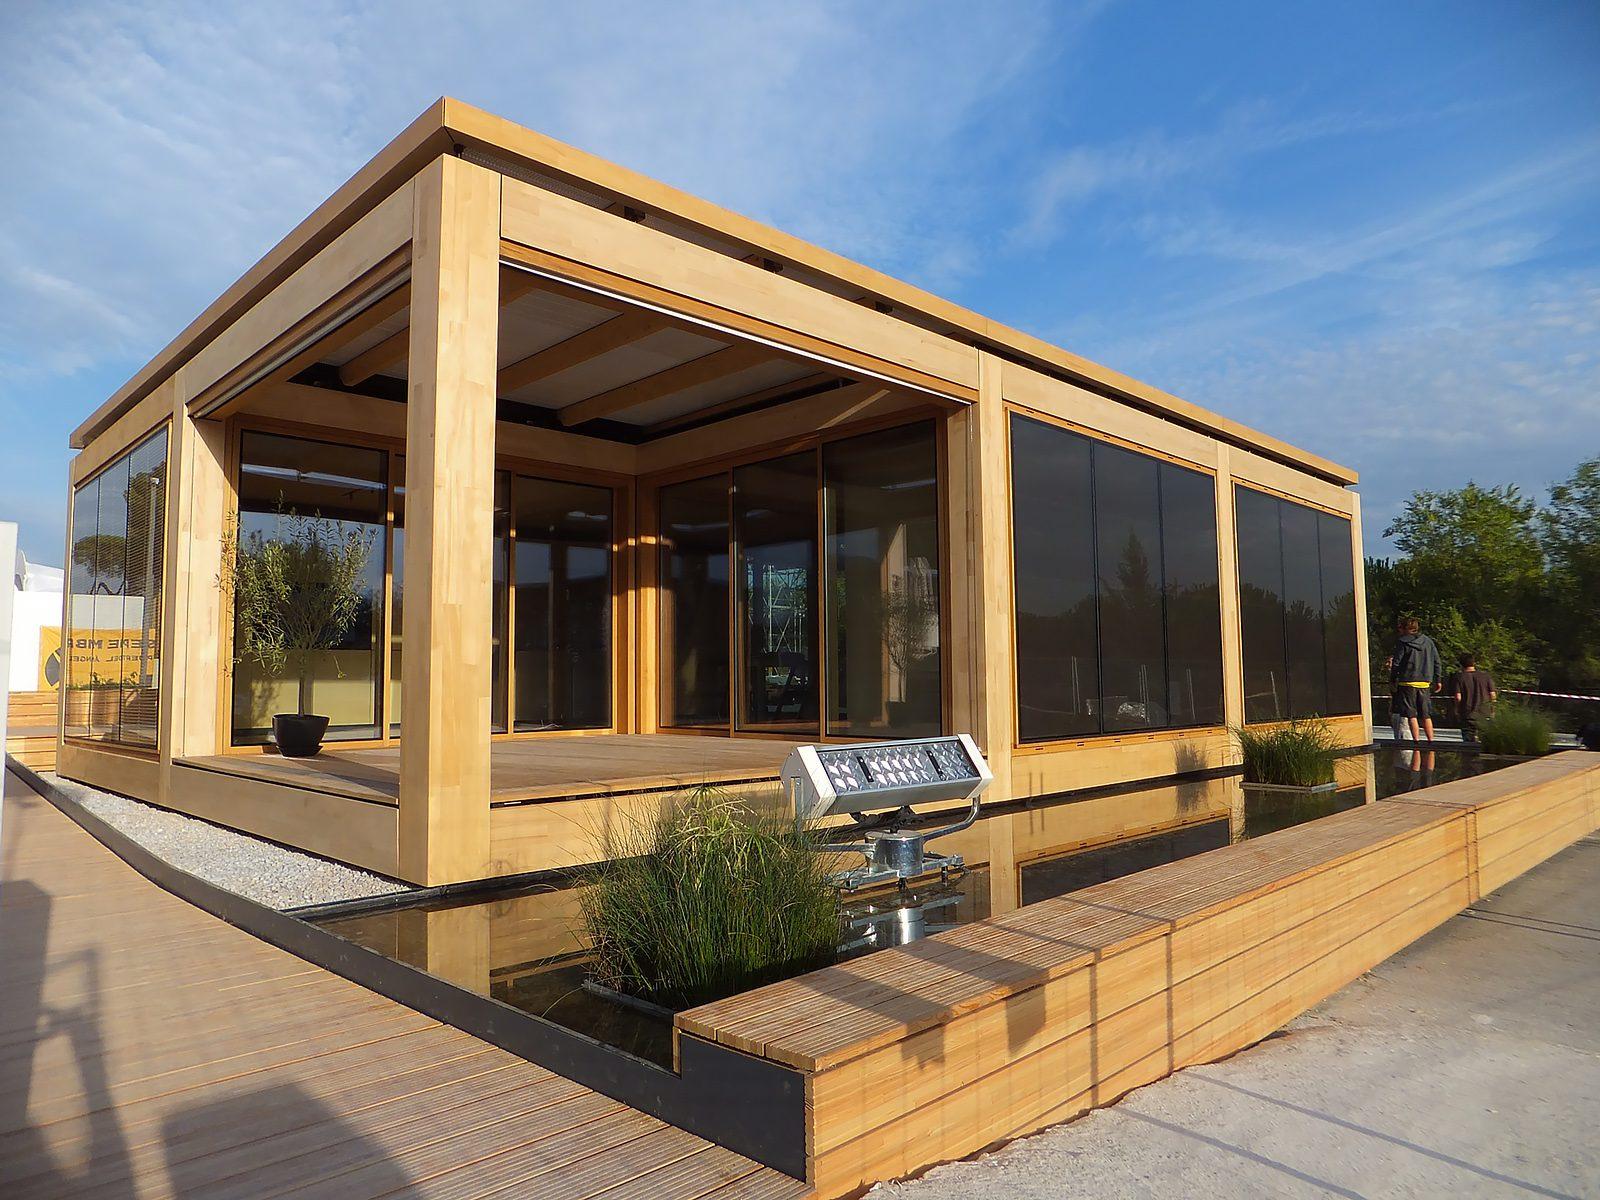 Holzrahmenbau verbindungen  Pfosten-Riegel Holz-Glasfassaden | Knapp Verbinder